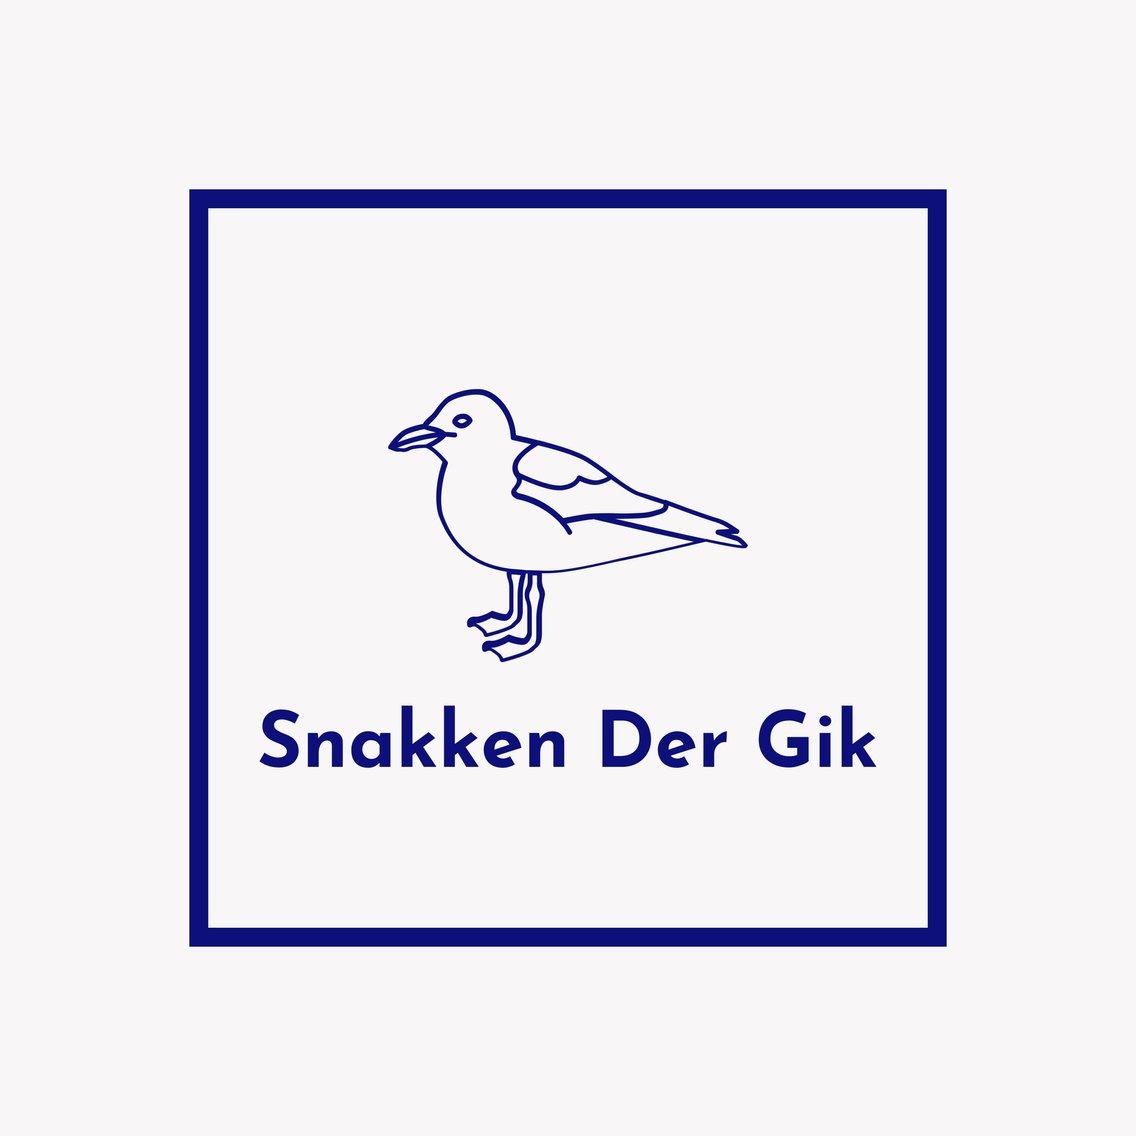 Snakken Der Gik - Cover Image